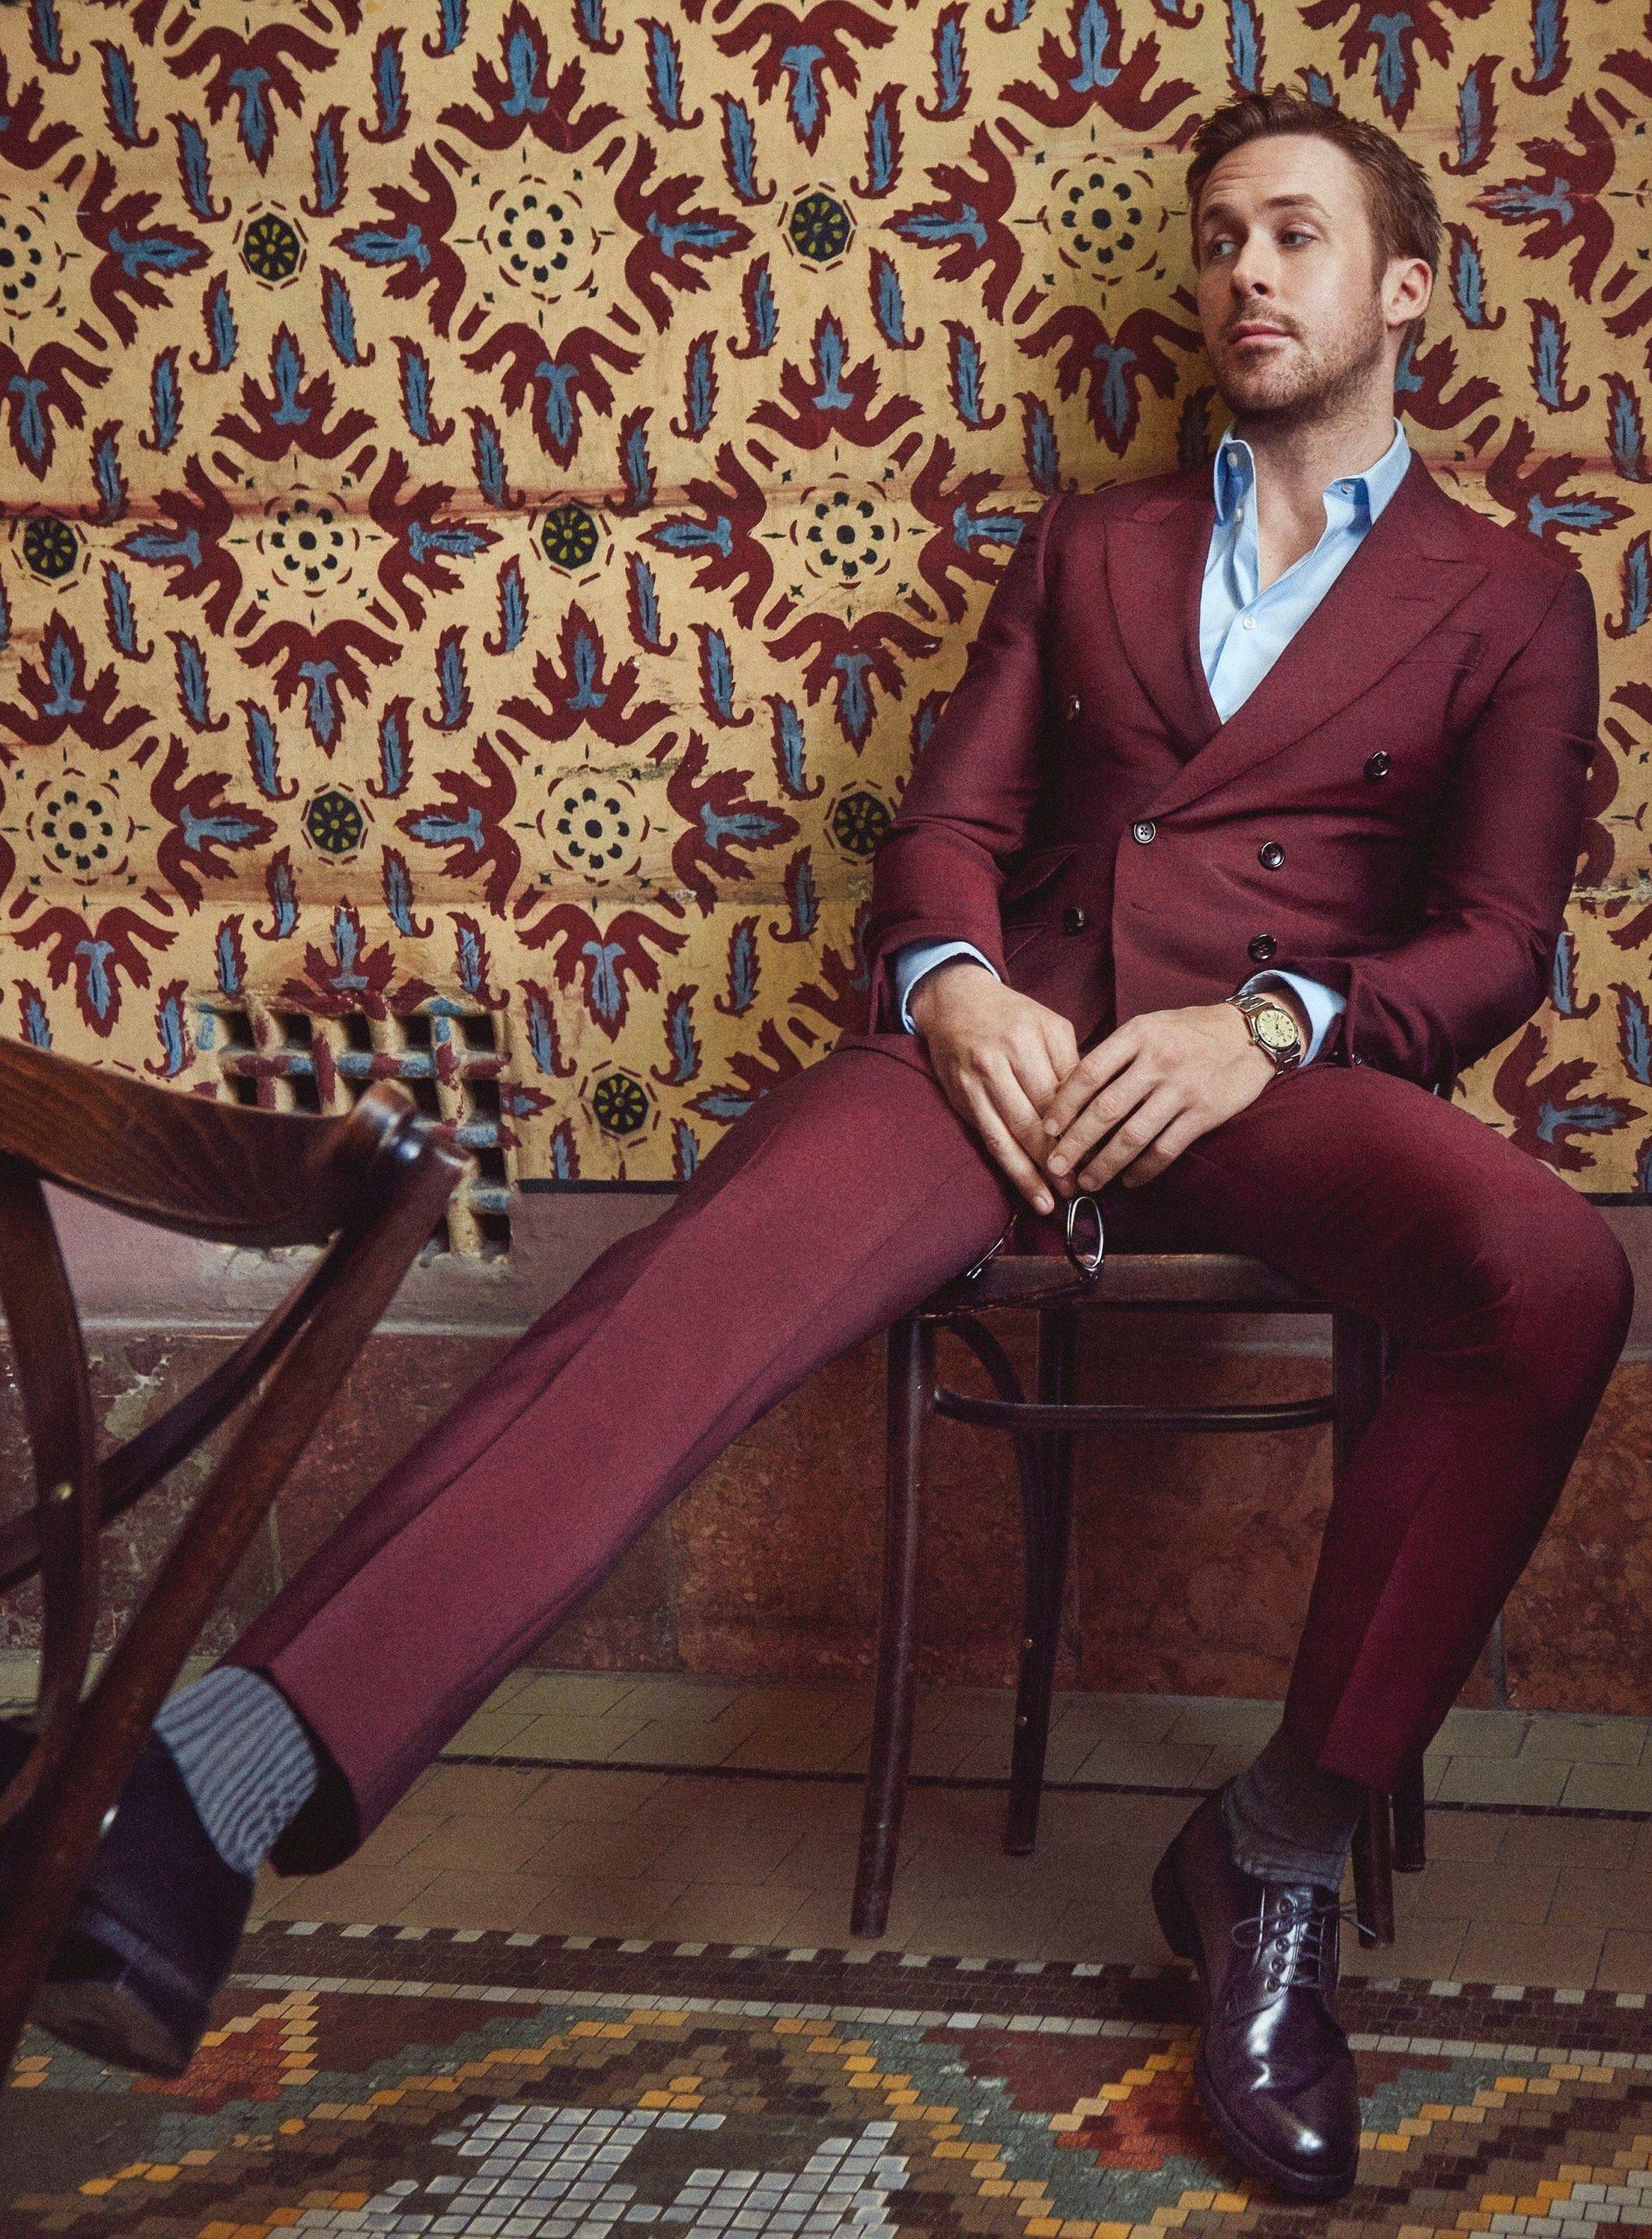 Burgundy suit & pale blue shirt color combination